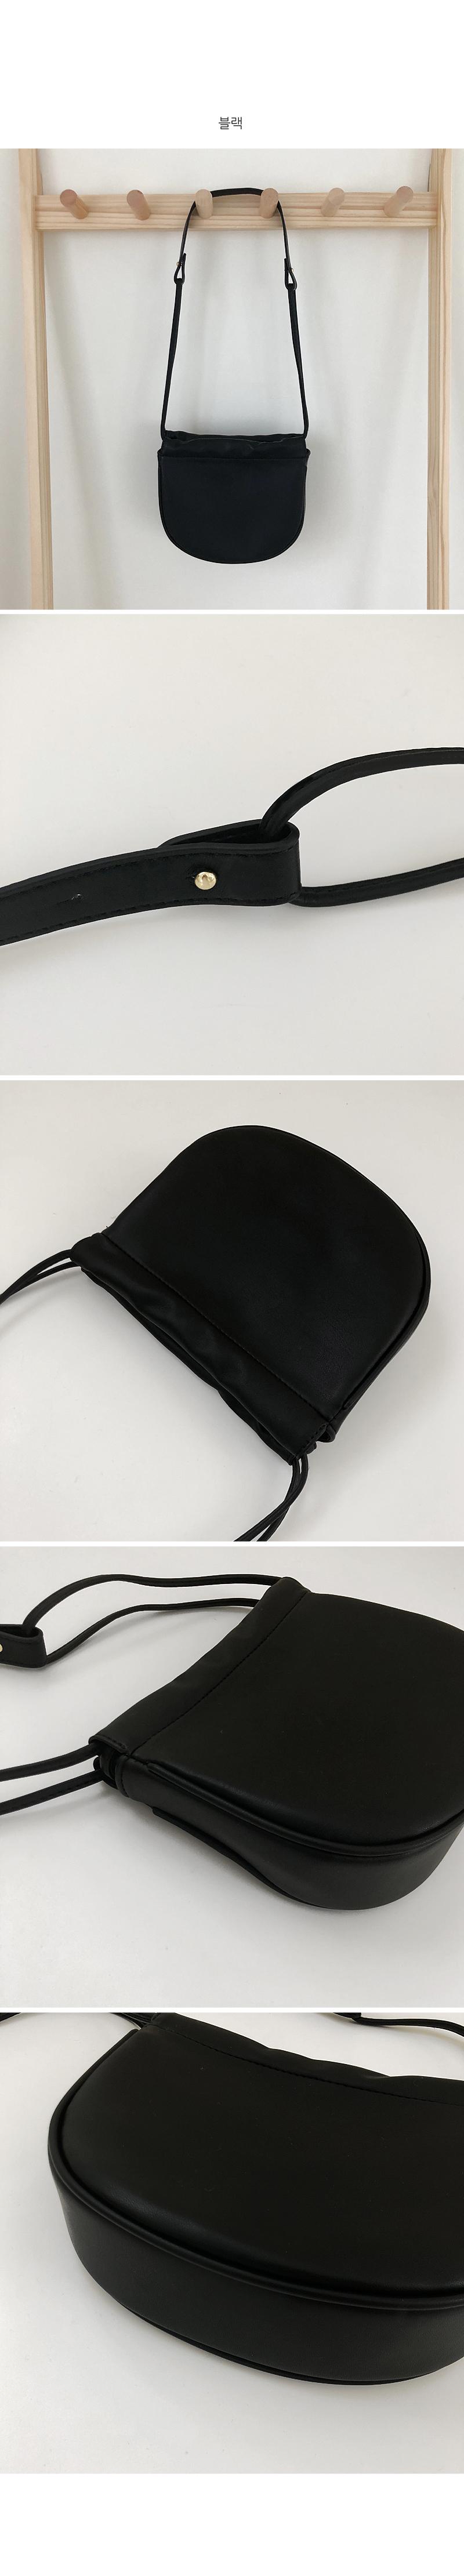 Ob U half moon bag